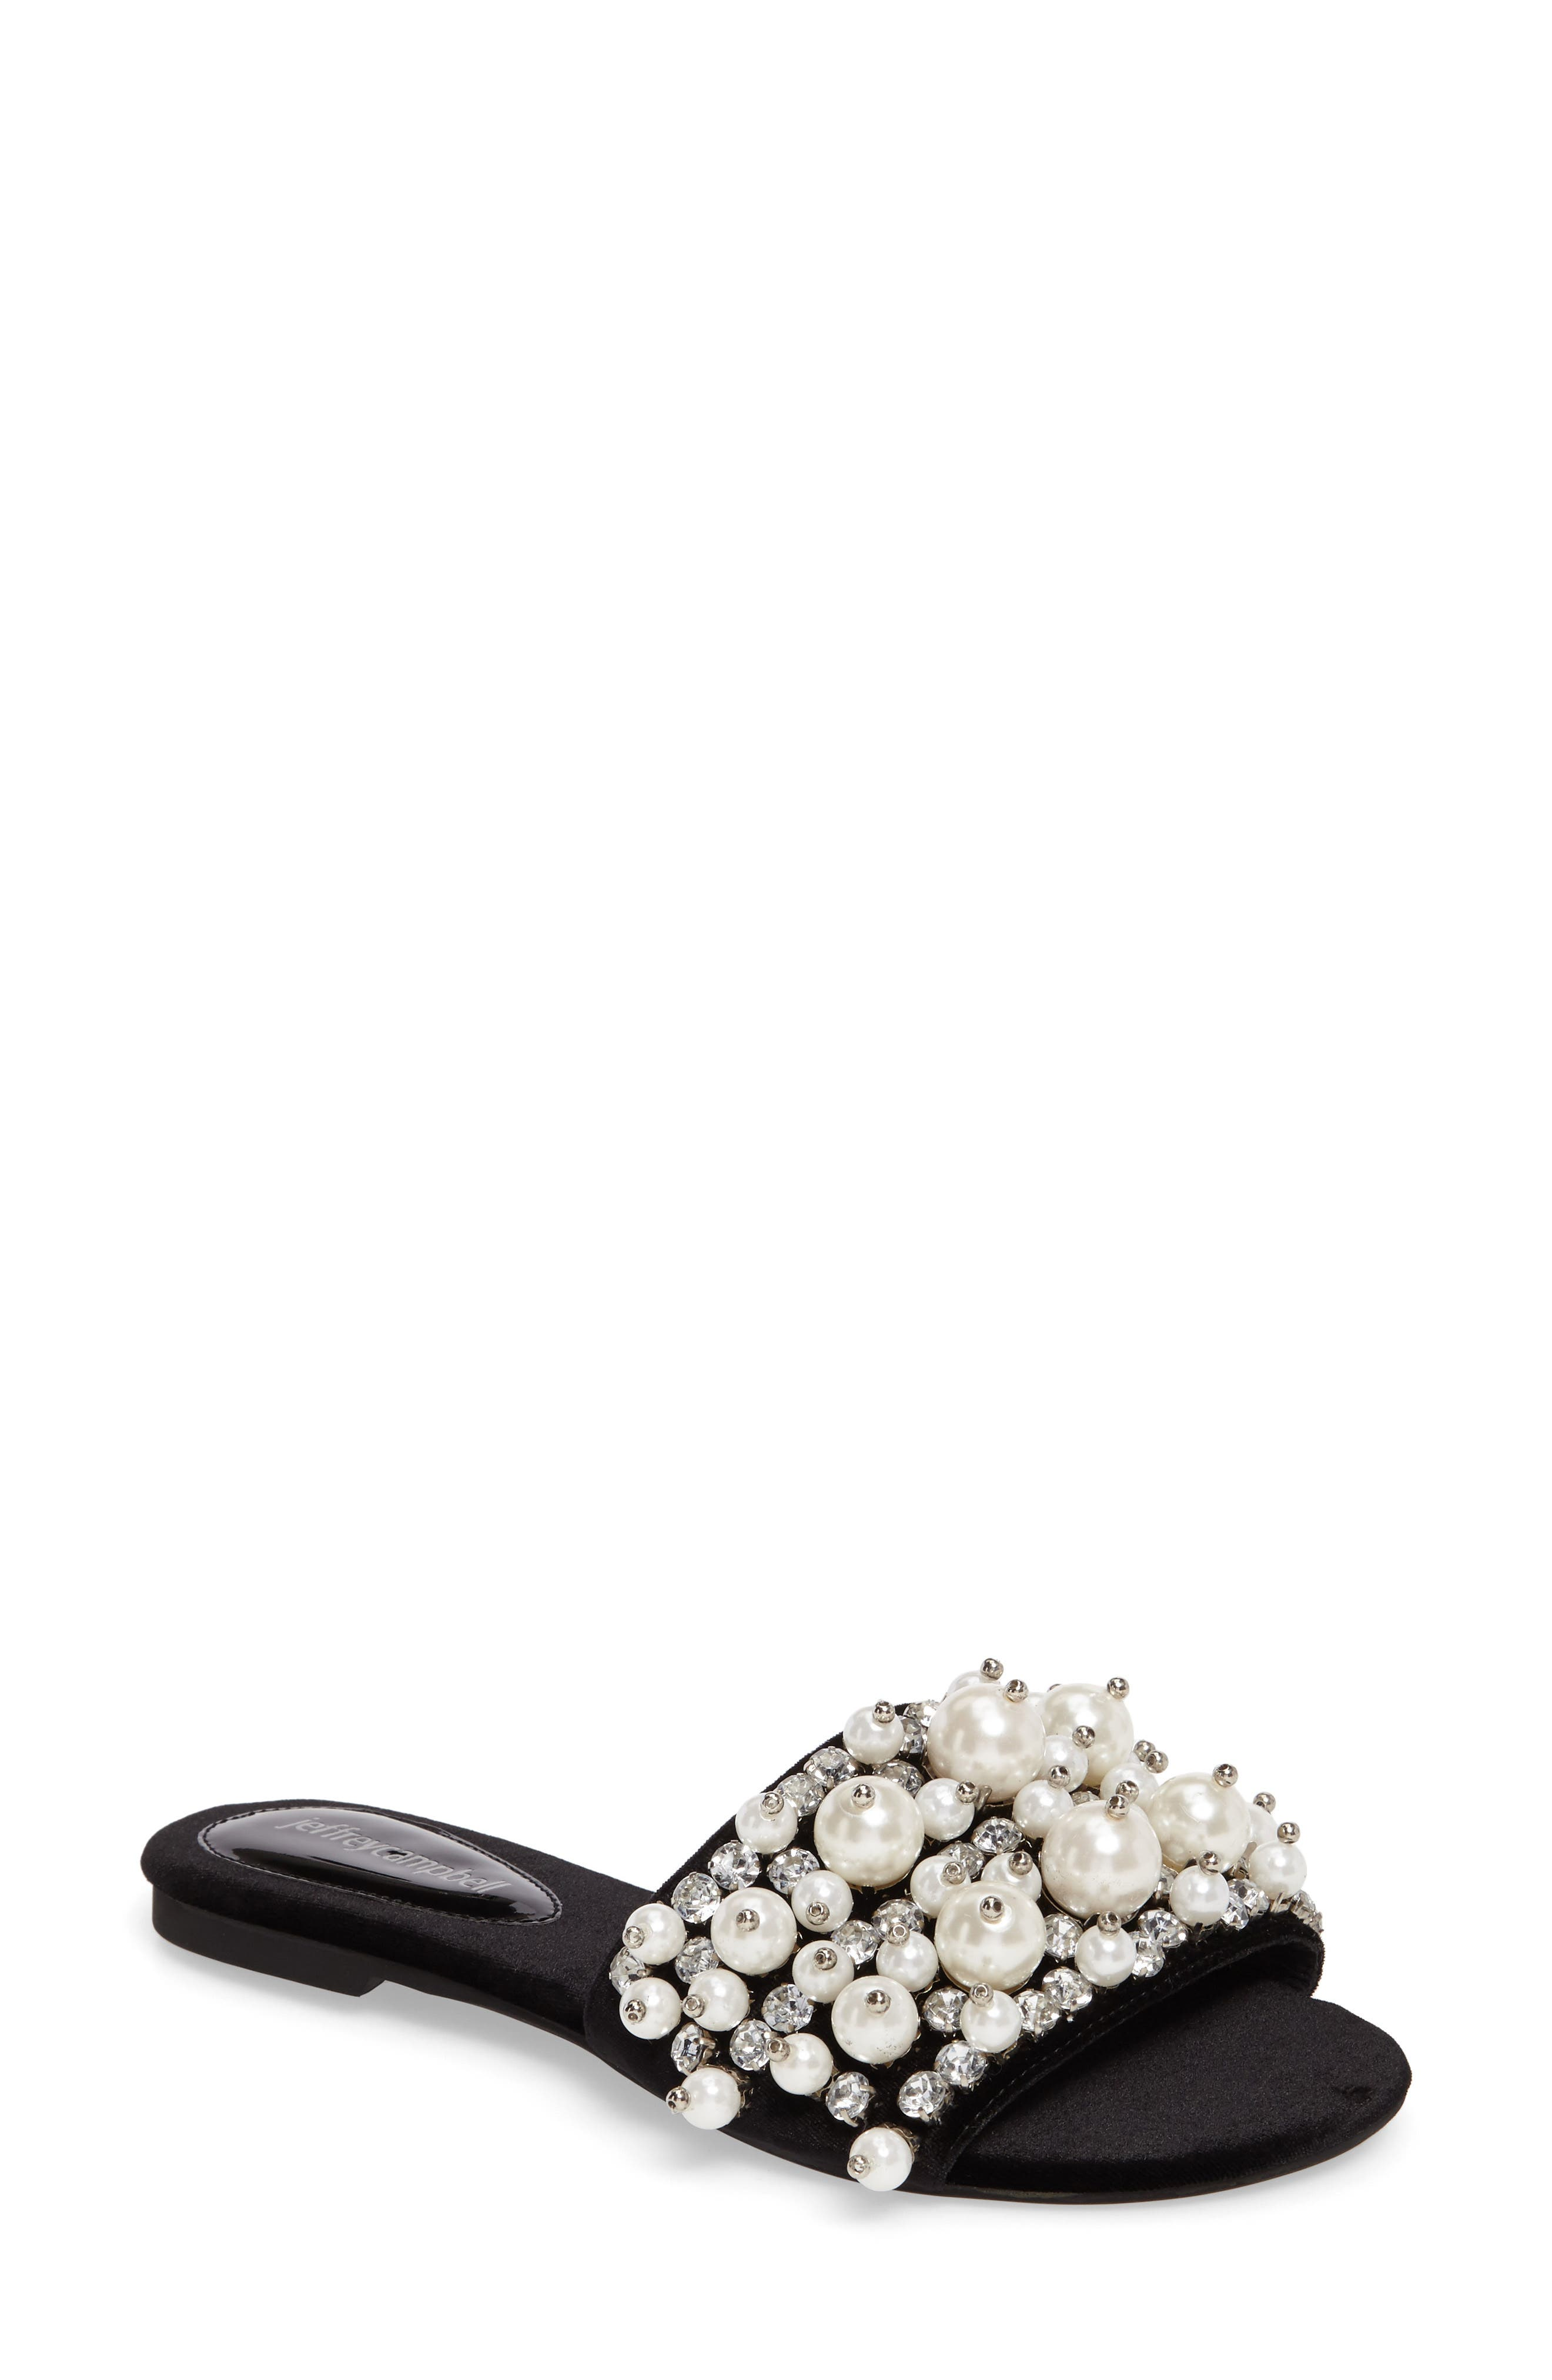 Facil Embellished Slide Sandal, Main, color, 010